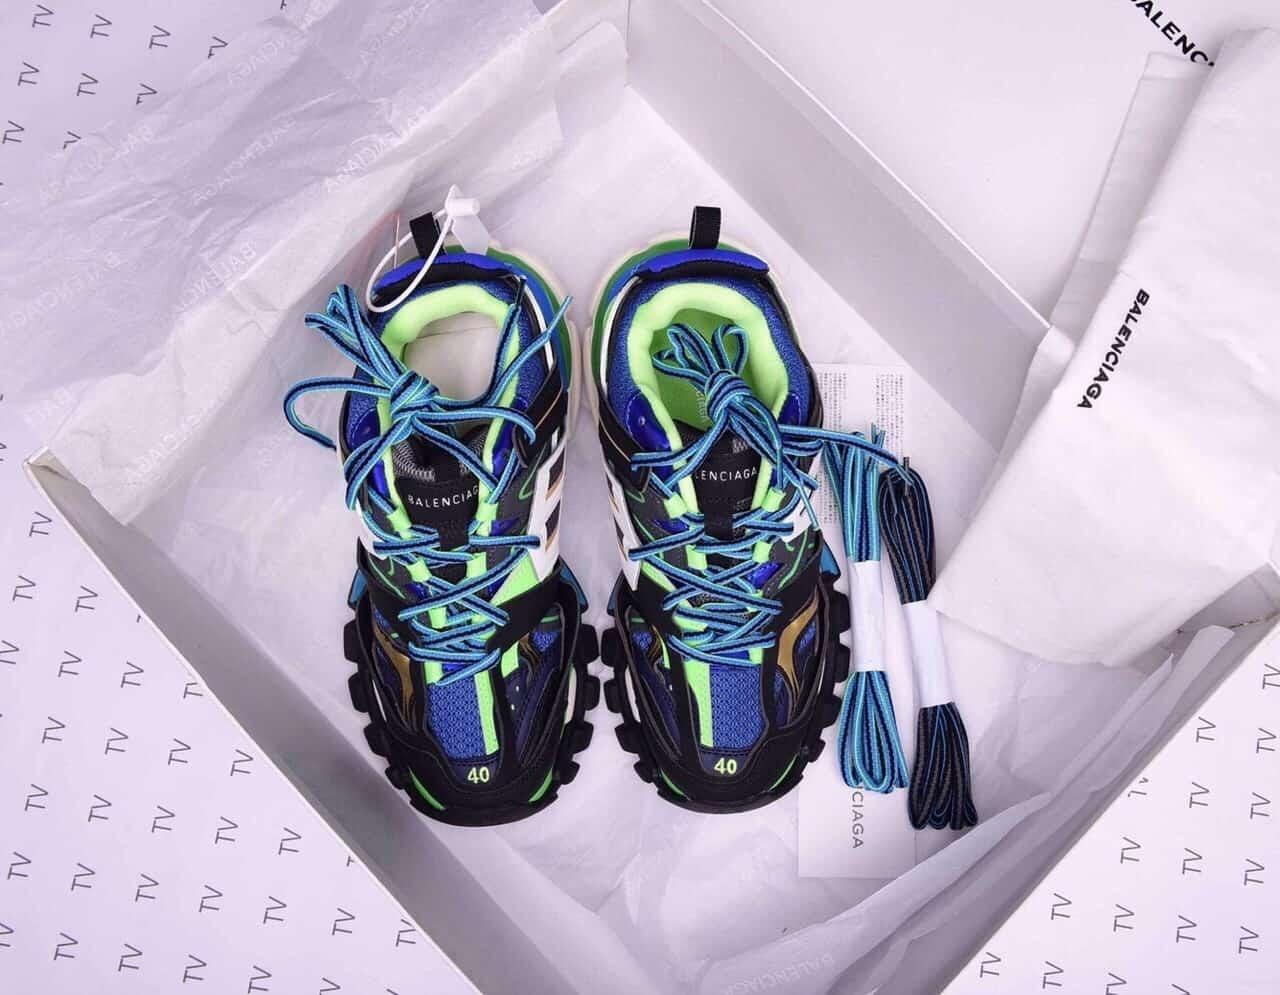 Giày Balenciaga tạo phong cách hầm hố, hợp với khách hàng cá tính